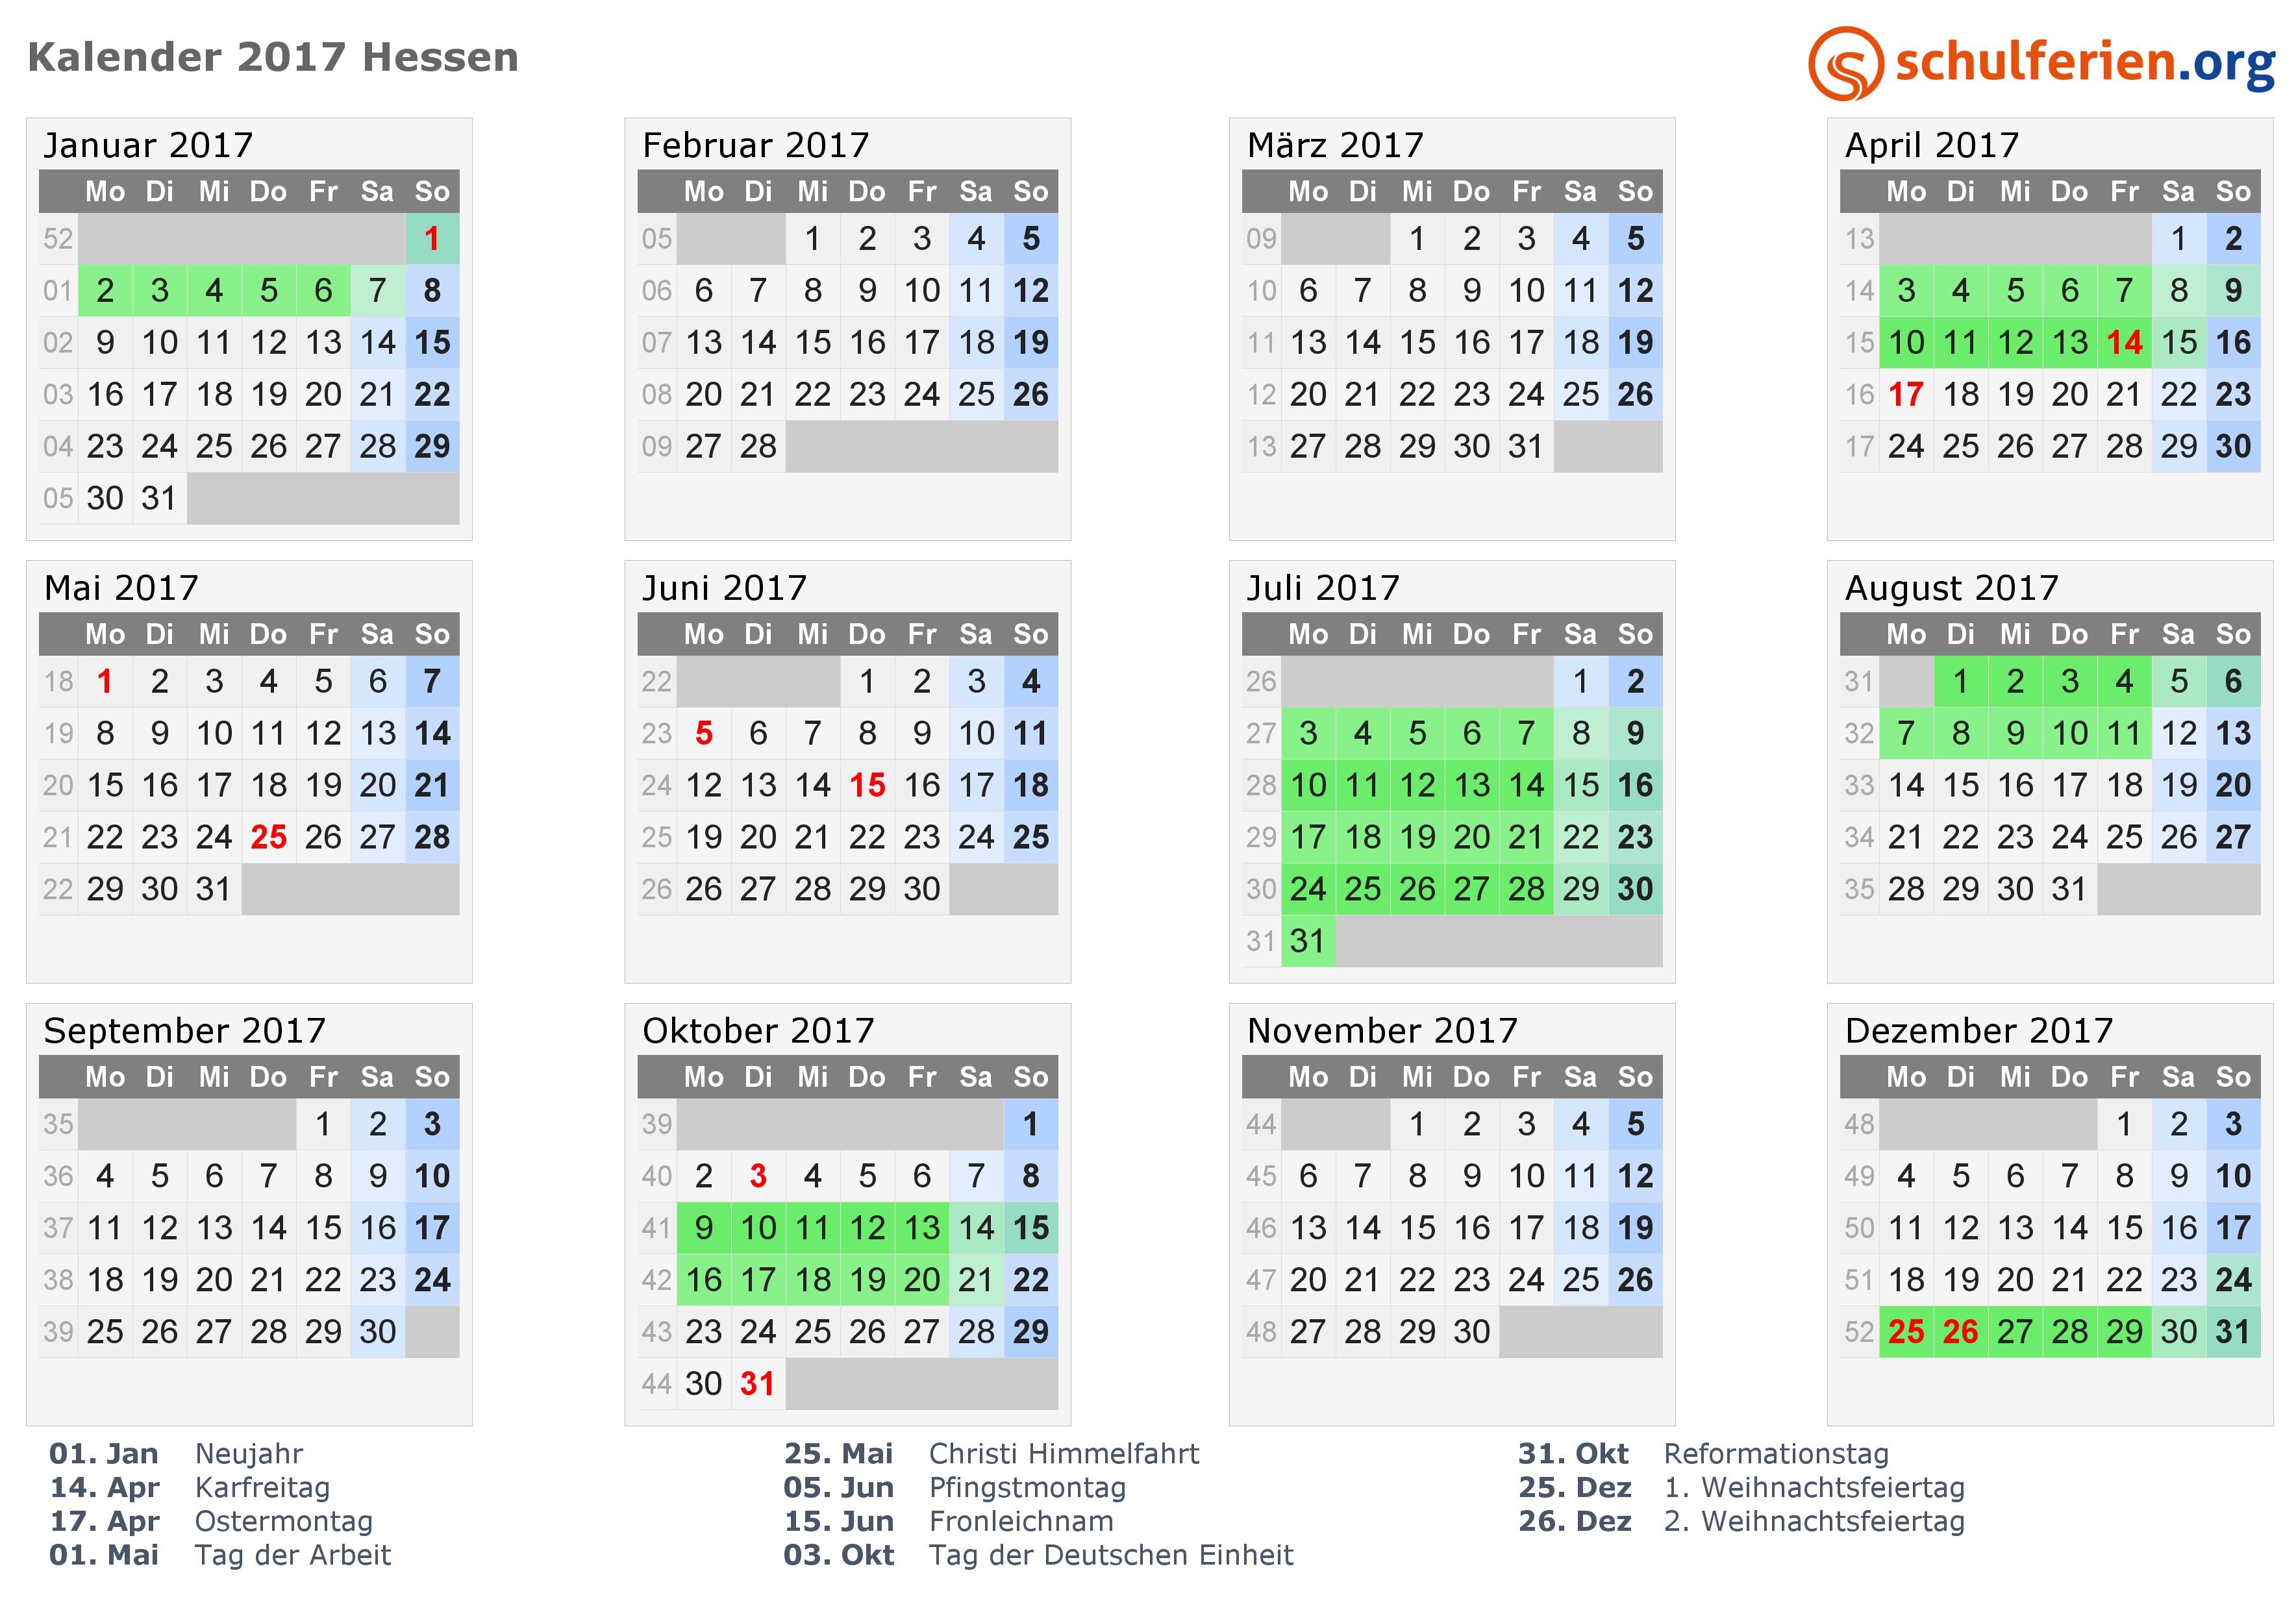 Kalender 2019 Mit Schulferien Pdf Más Arriba-a-fecha Kalender 2017 Ferien Hessen Feiertage Of Kalender 2019 Mit Schulferien Pdf Recientes 46 Model Designs Von Kalender 2016 Mit Feiertagen Niedersachsen